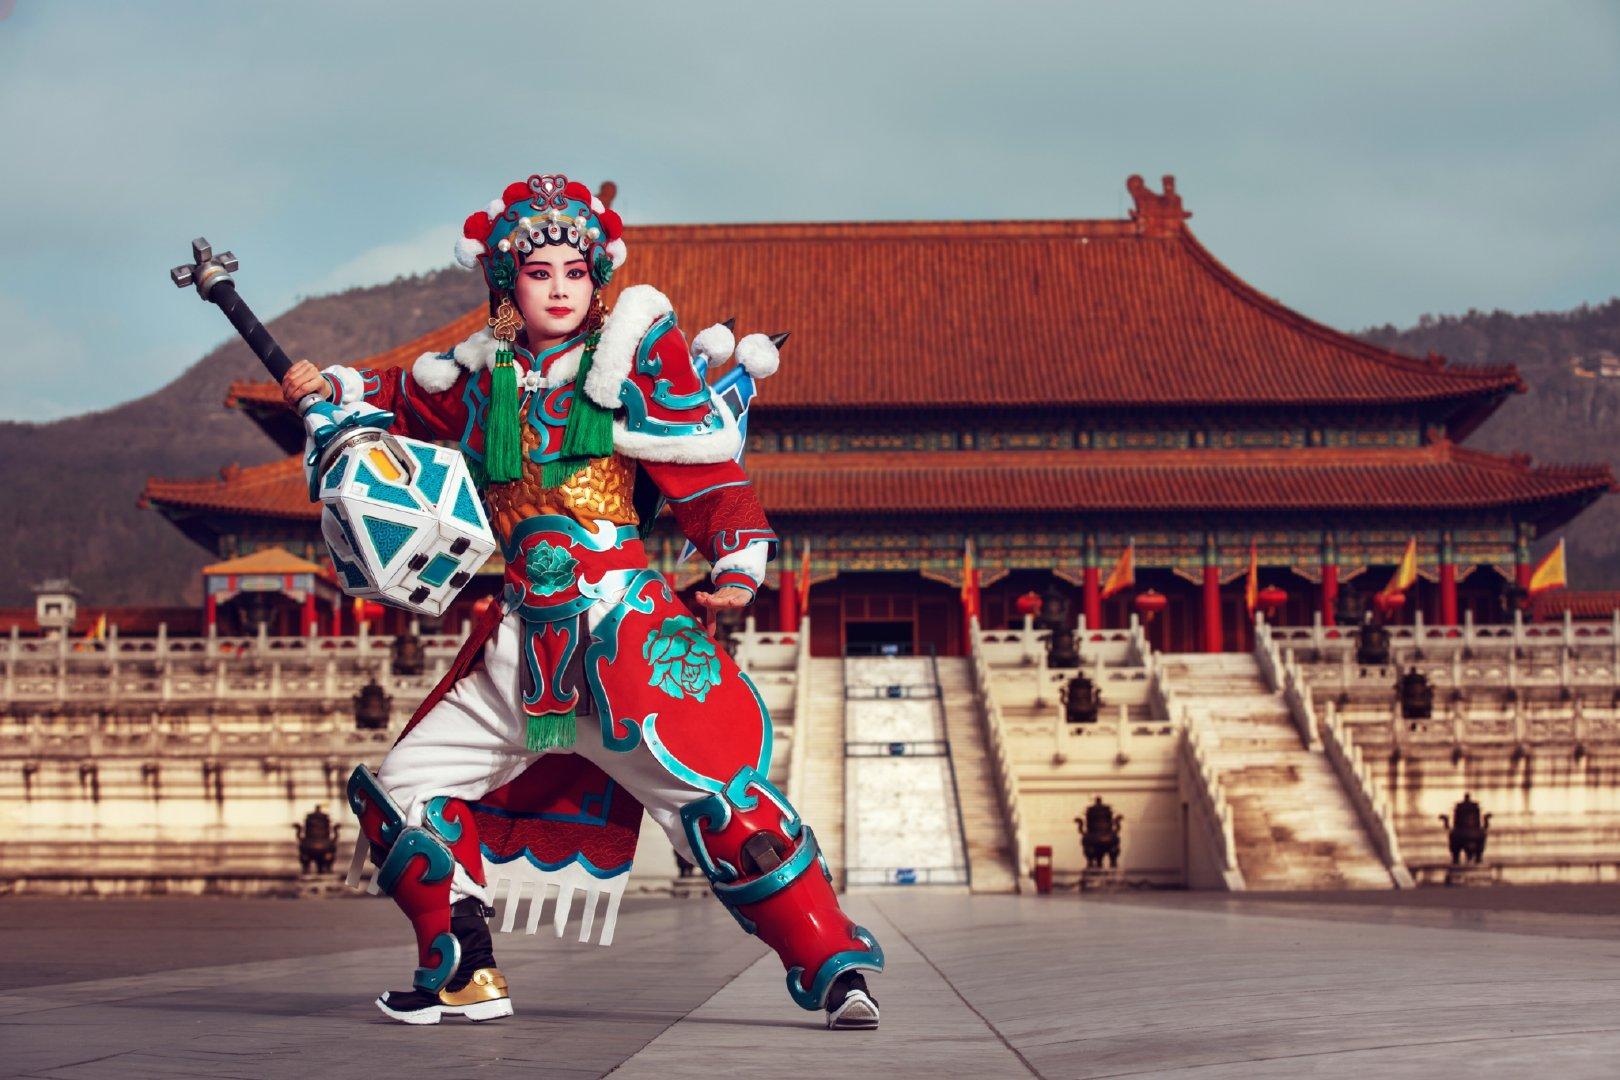 Overwatch Brigitte Lunar New Year Opera skin cosplay